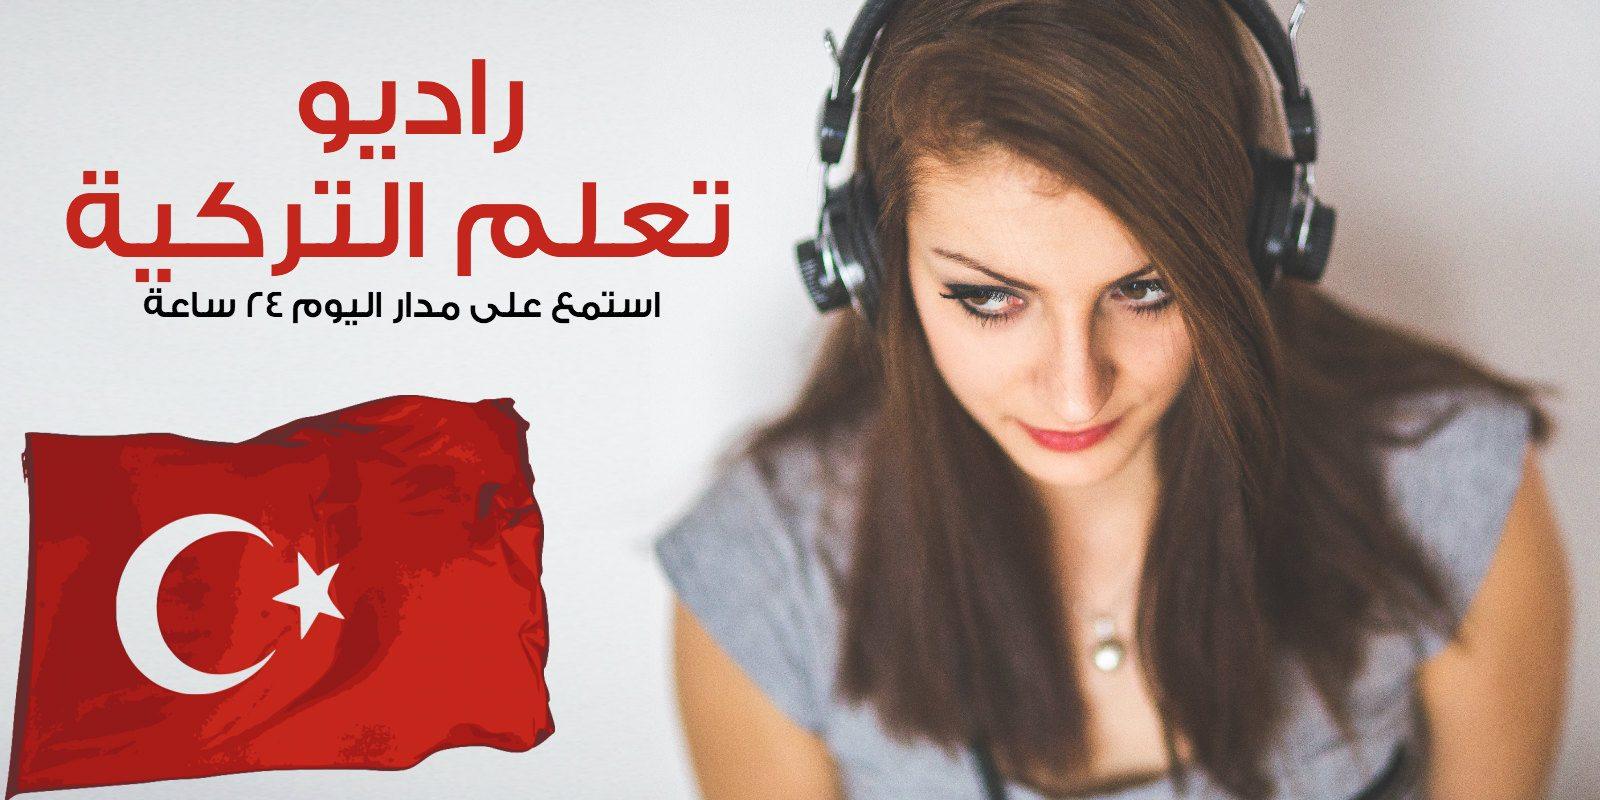 راديو تعلم اللغة التركية